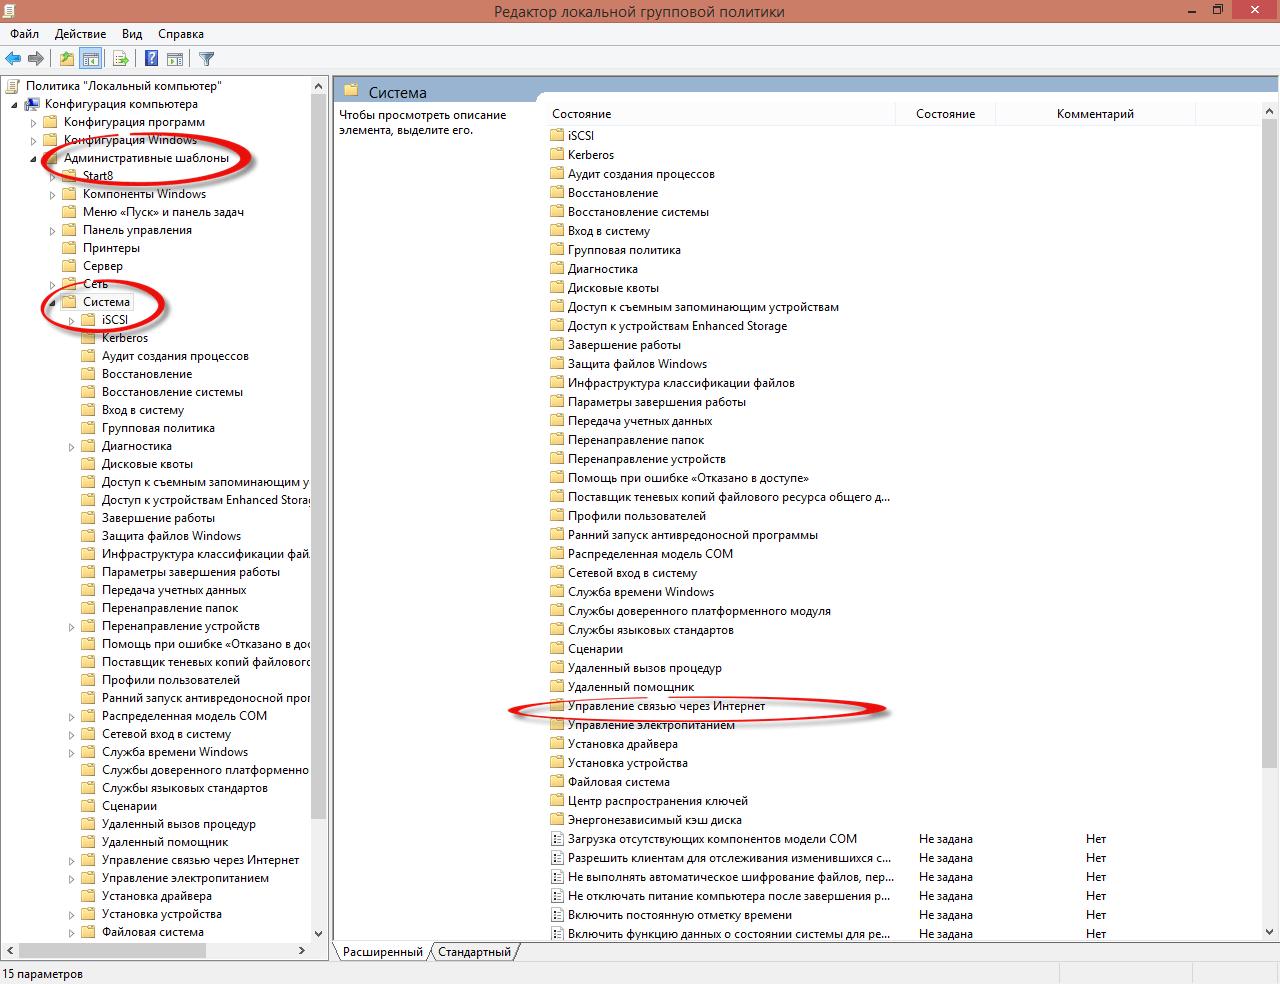 Как отключить программу по улучшению качества ПО в Windows